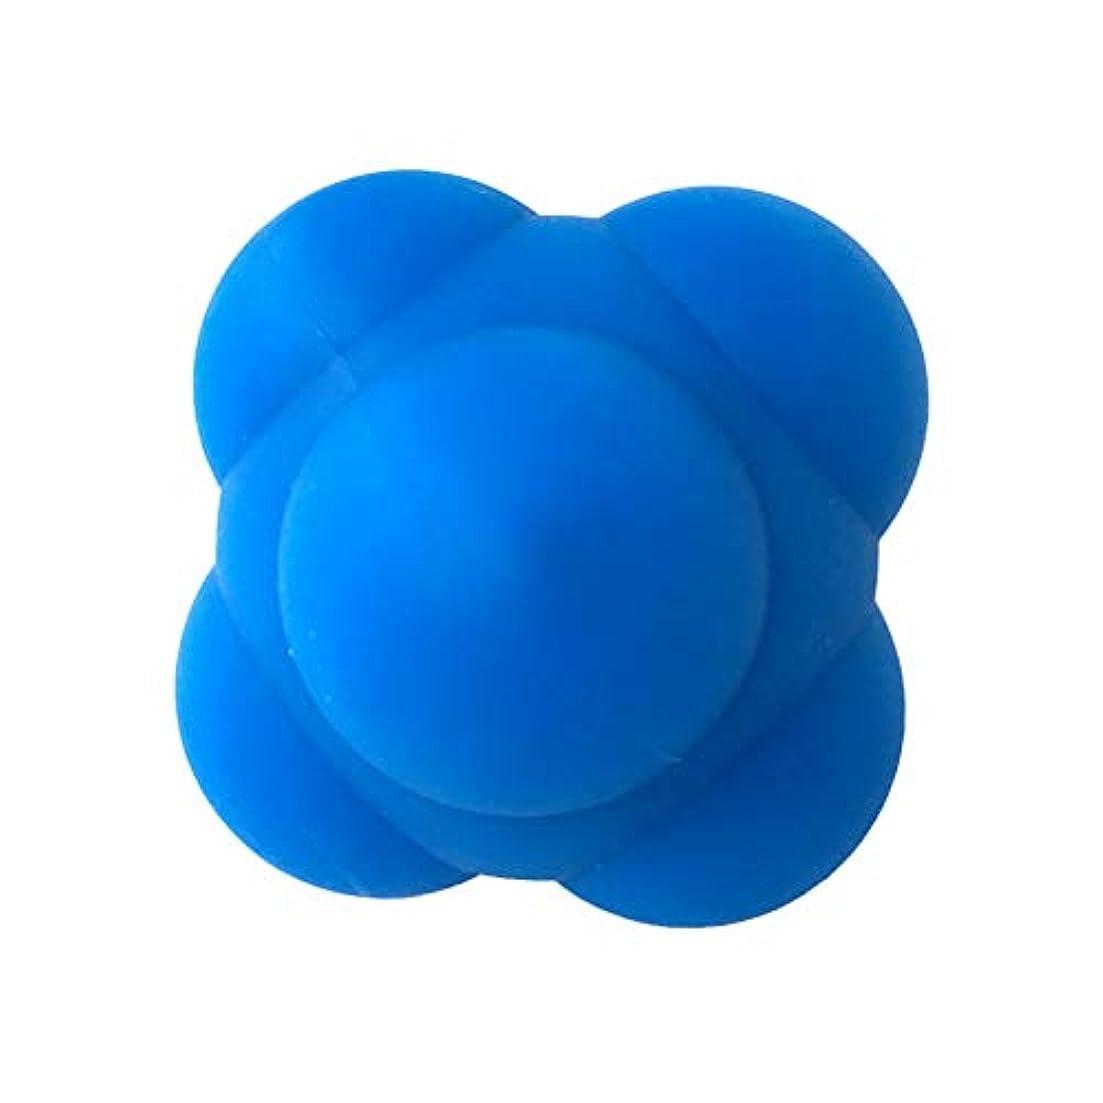 章密度無実Healifty 体の管理ボールスポーツシリコン六角形のボールソリッドフィットネストレーニングエクササイズリアクションボール素早さと敏捷性トレーニングボール6cm(青)